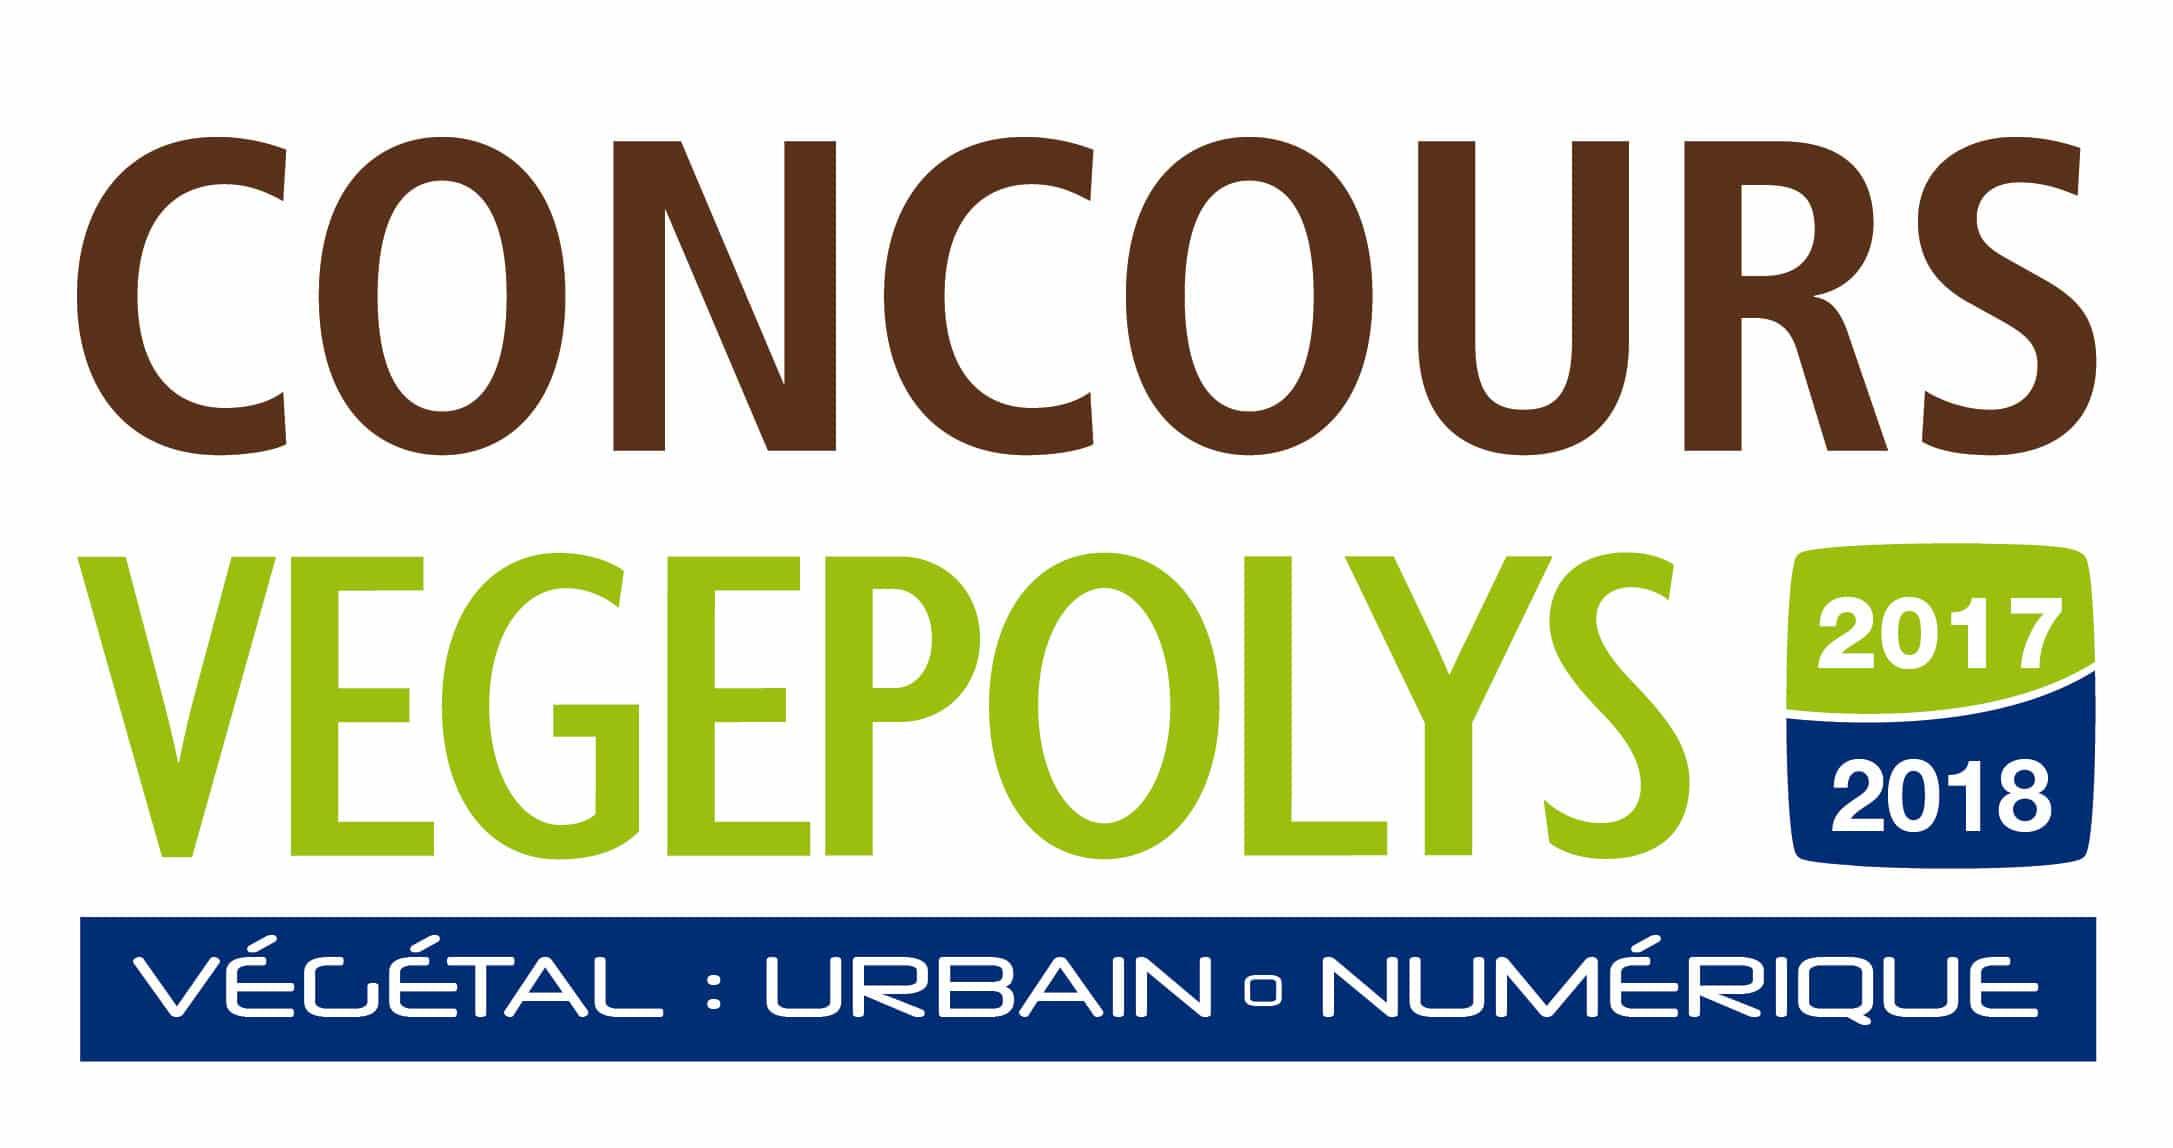 Concours VEGEPOLYS. Accélérez votre «jeune pousse» végétale !